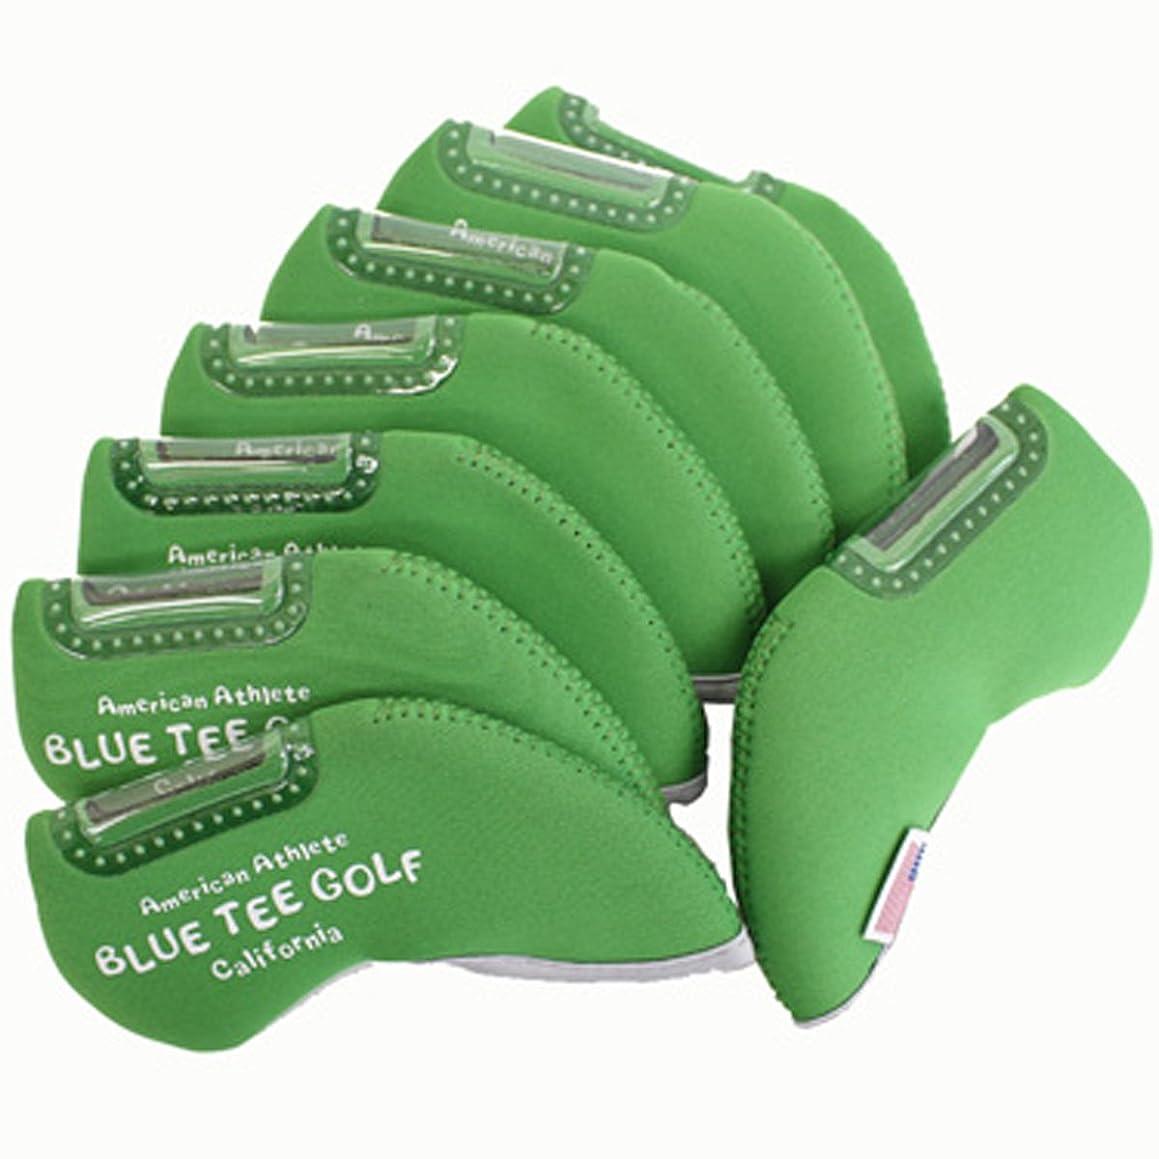 正午吸う著者ブルーティーゴルフ BLUE TEE GOLF ヘッドカバー ストレッチアイアンカバーセット(窓付きタイプ) 1セット(8個入り) グリーン